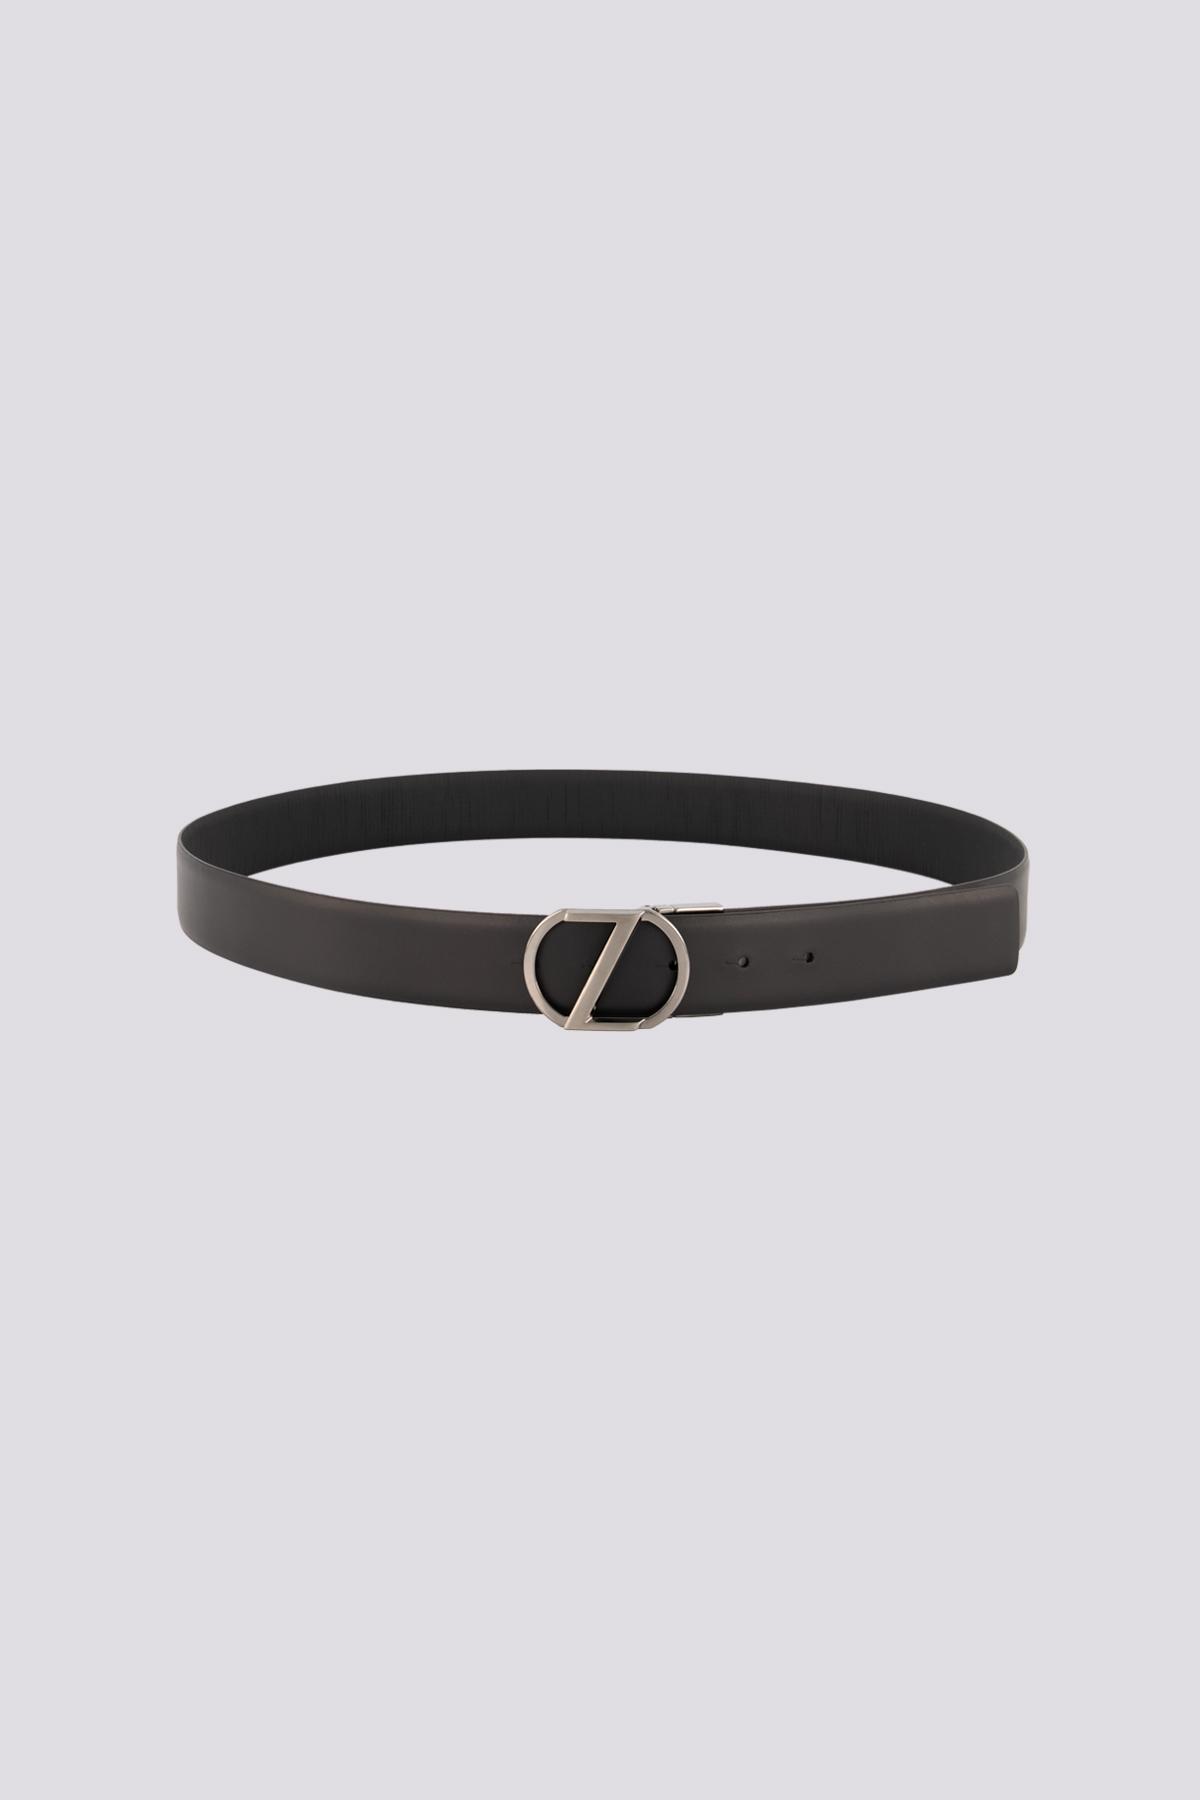 Cinturón de cuero negro marca ZZegna con hebilla de metal plateado.